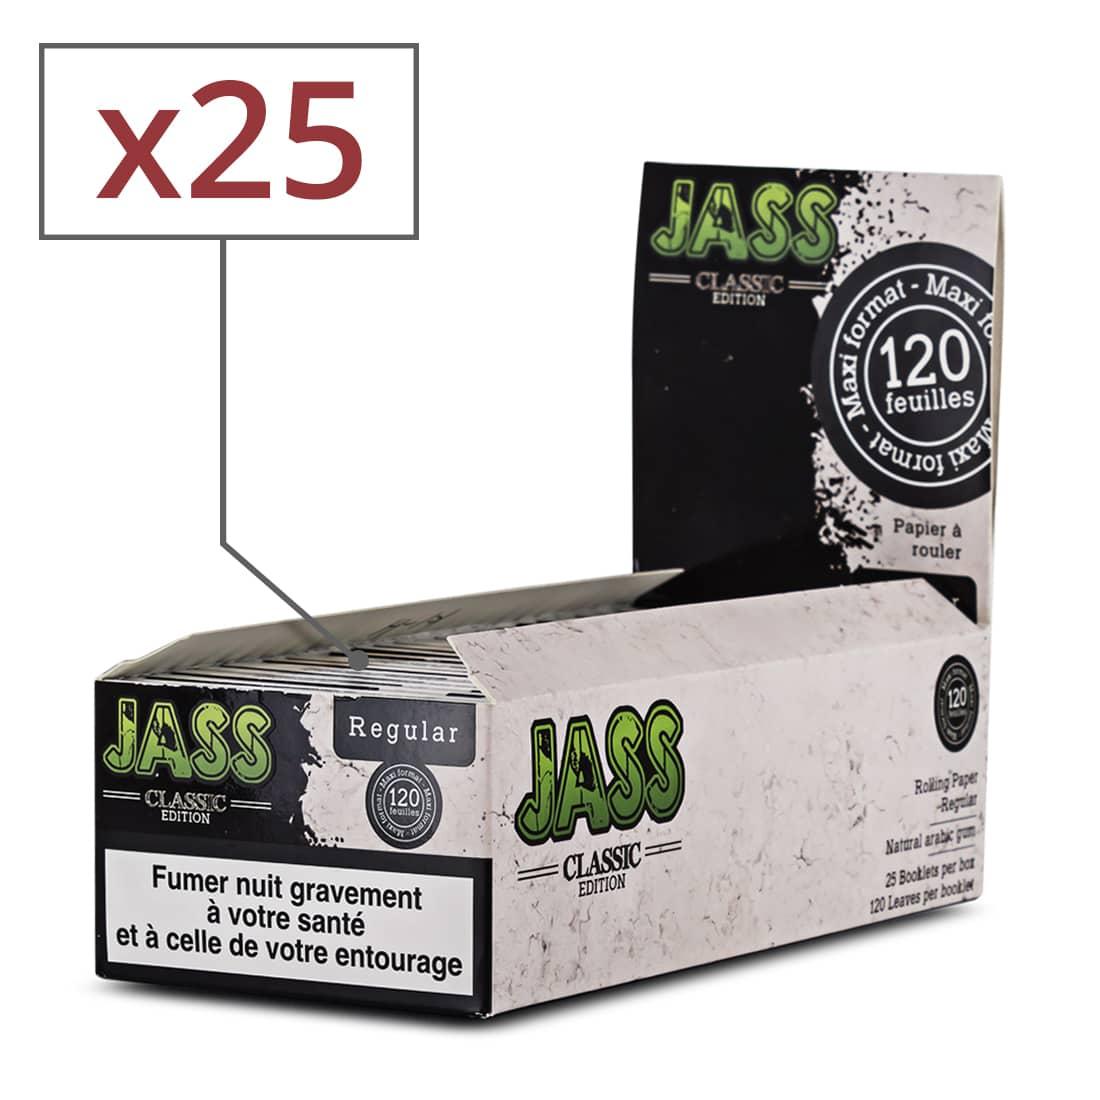 Photo de Papier à rouler Jass Classic Edition x 25